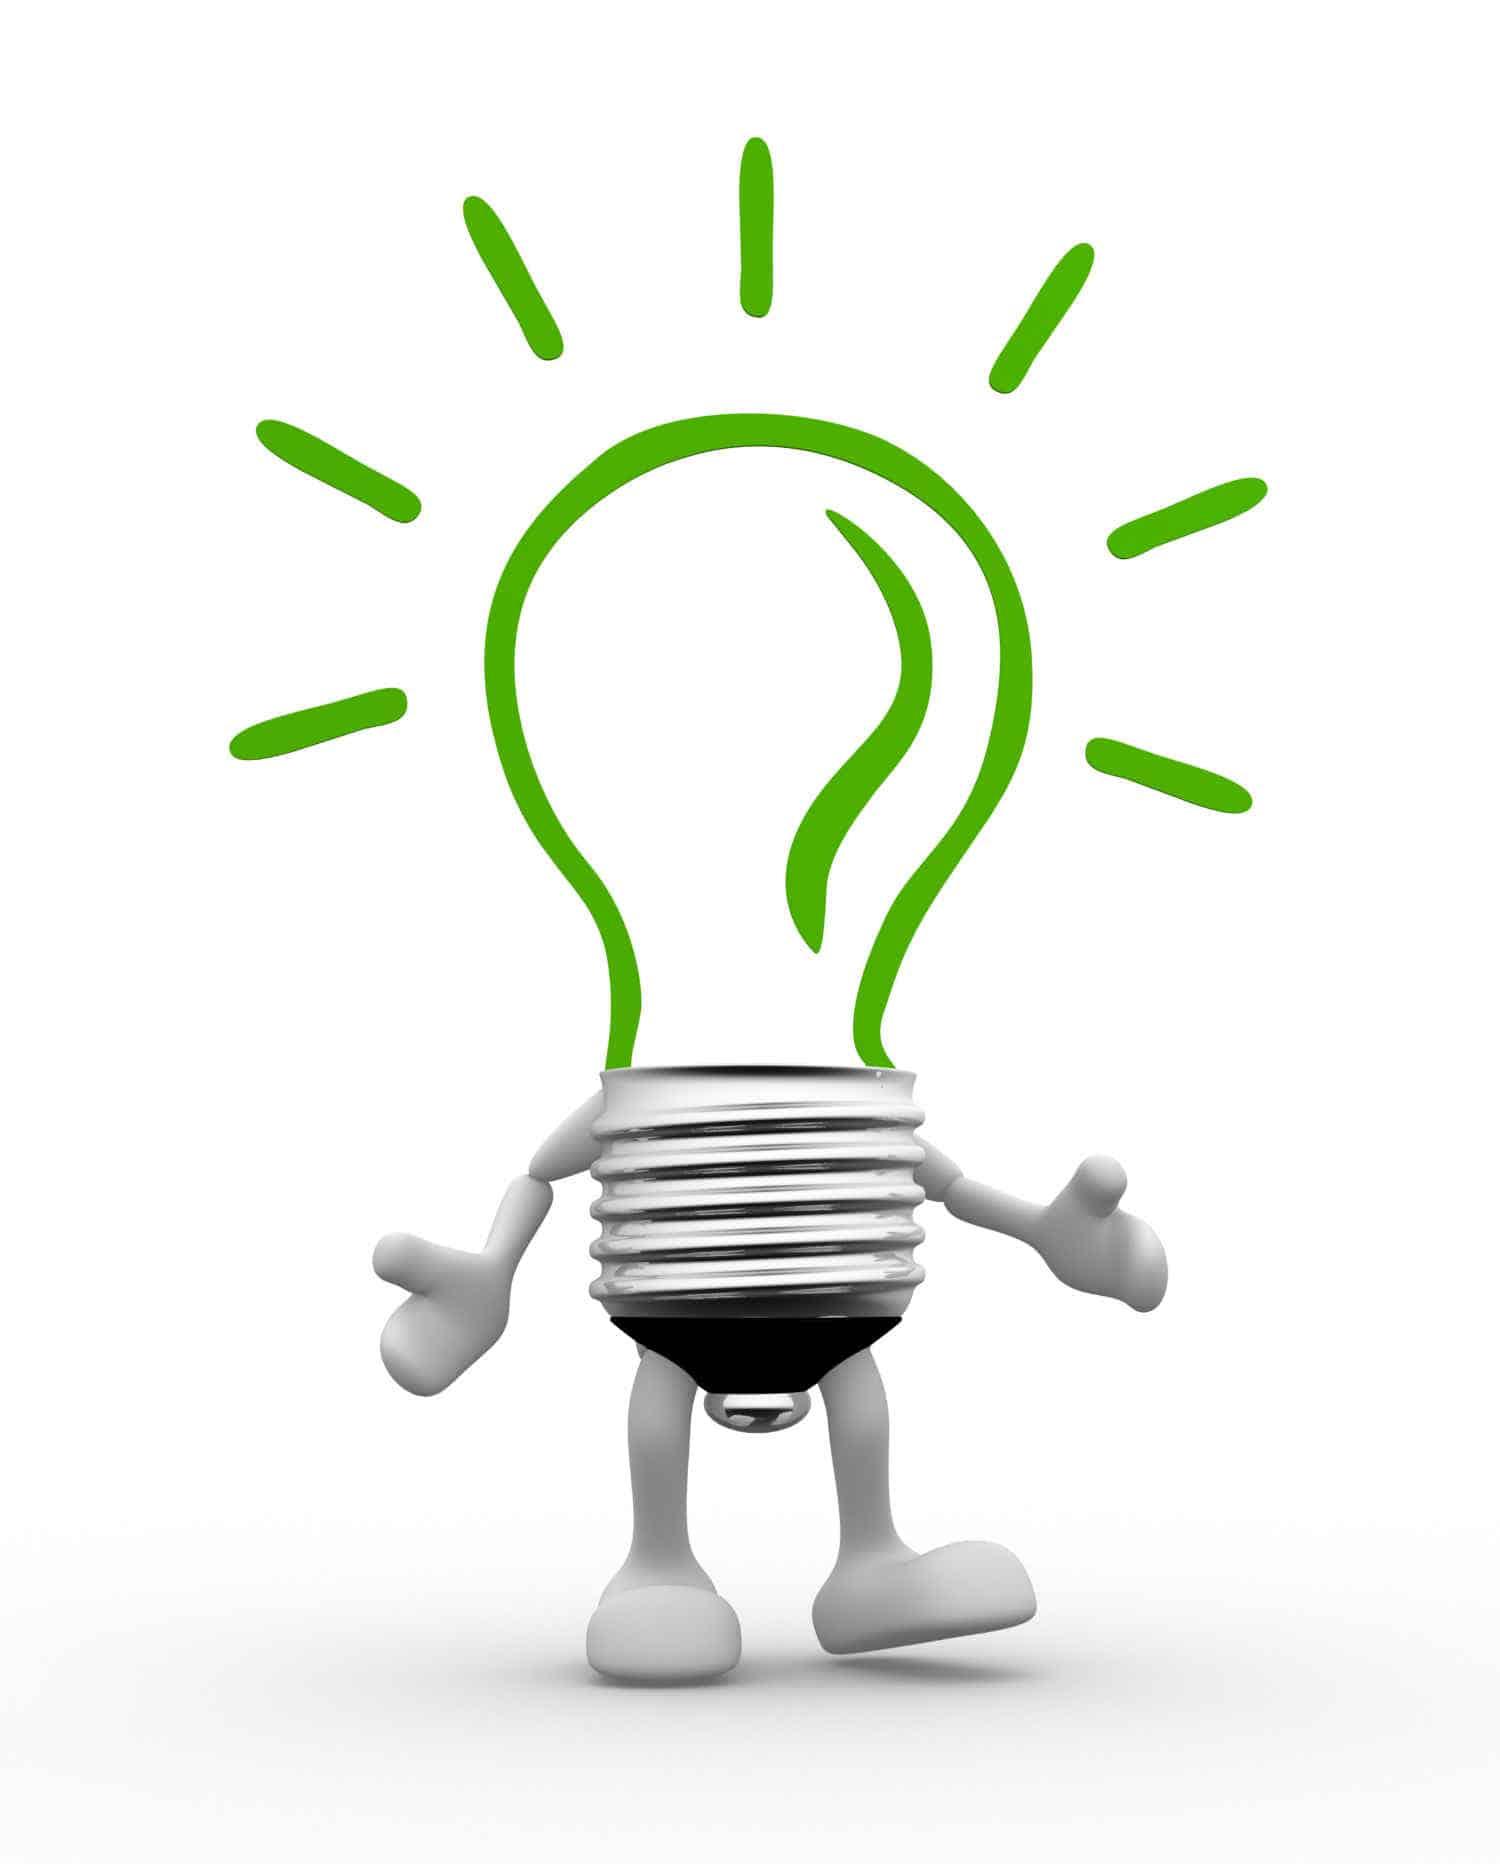 Rsi les 5 bonnes pratiques lbdd for Idee de creation entreprise